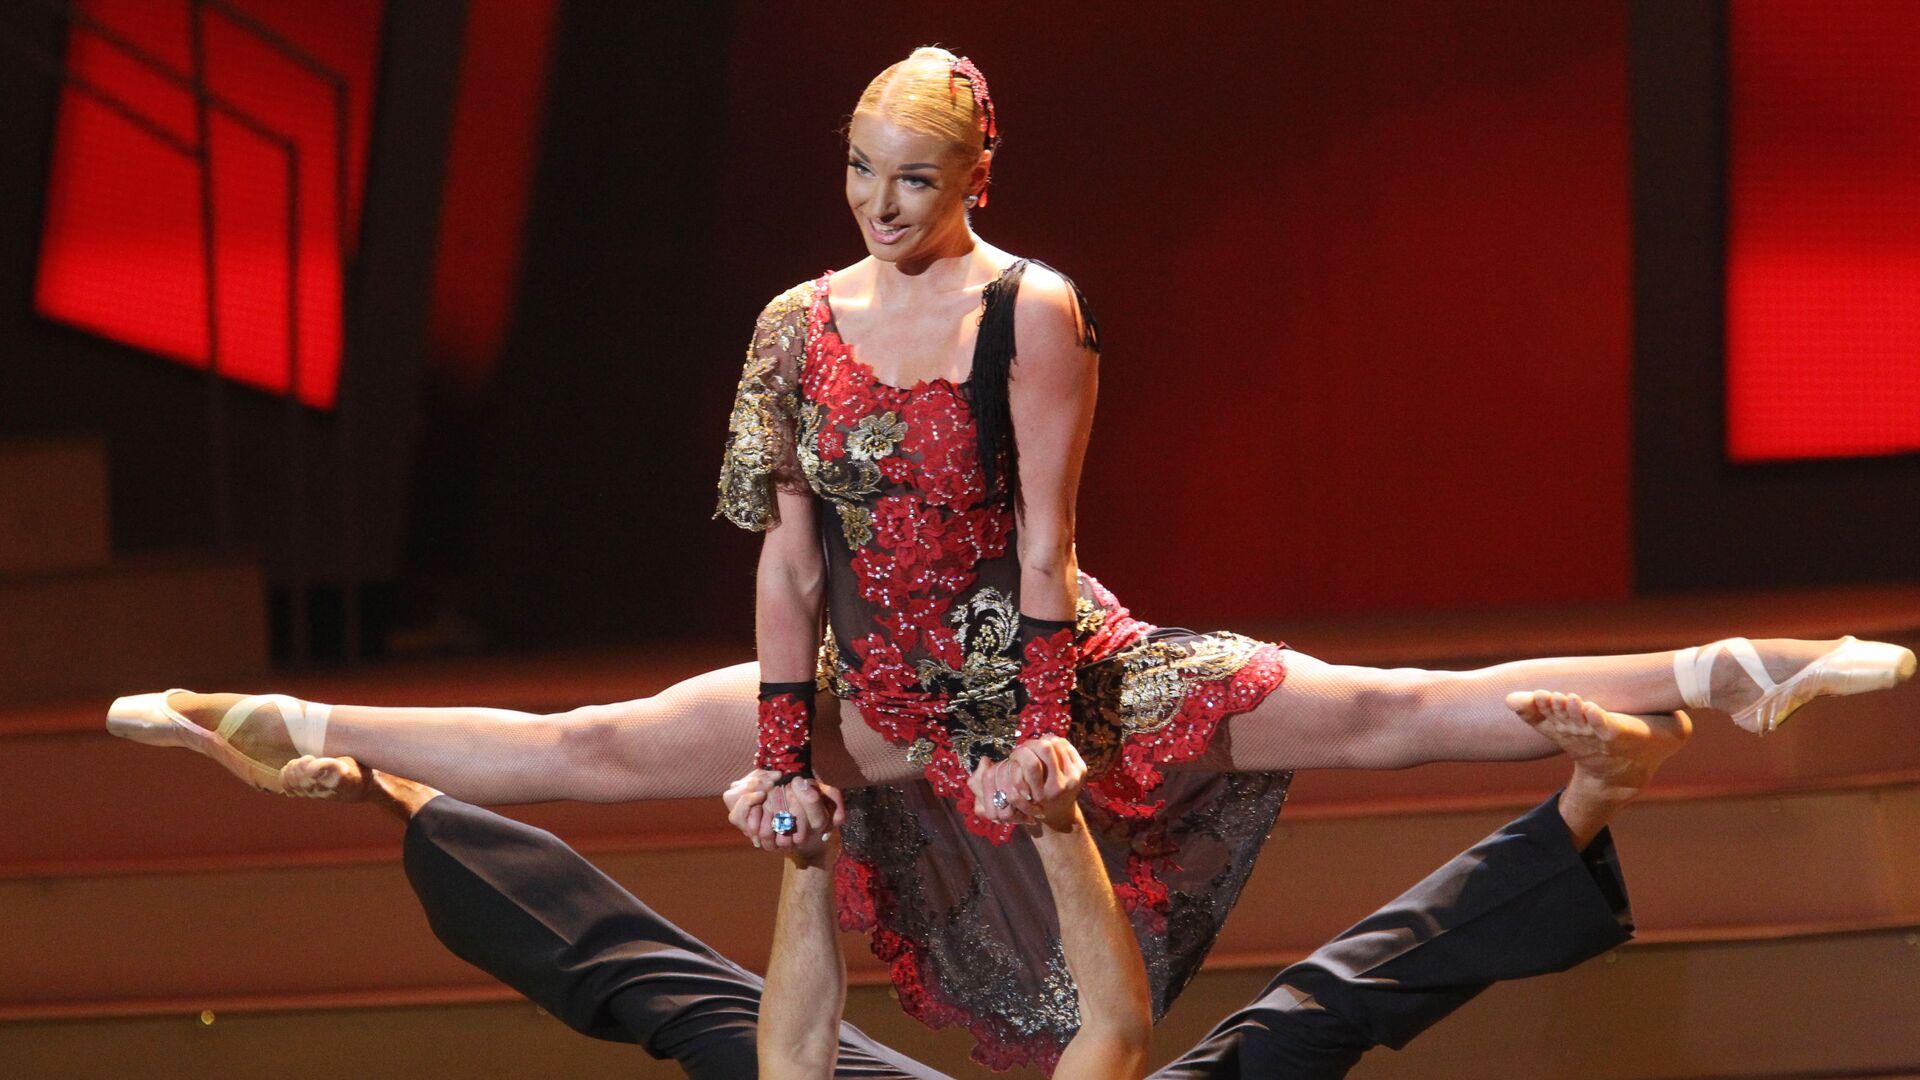 Балерина Анастасия Волочкова с солистом Большого театра Ринатом Арифулиным выступают на ее юбилейном концерте в Государственном Кремлевском дворце - РИА Новости, 1920, 09.05.2021